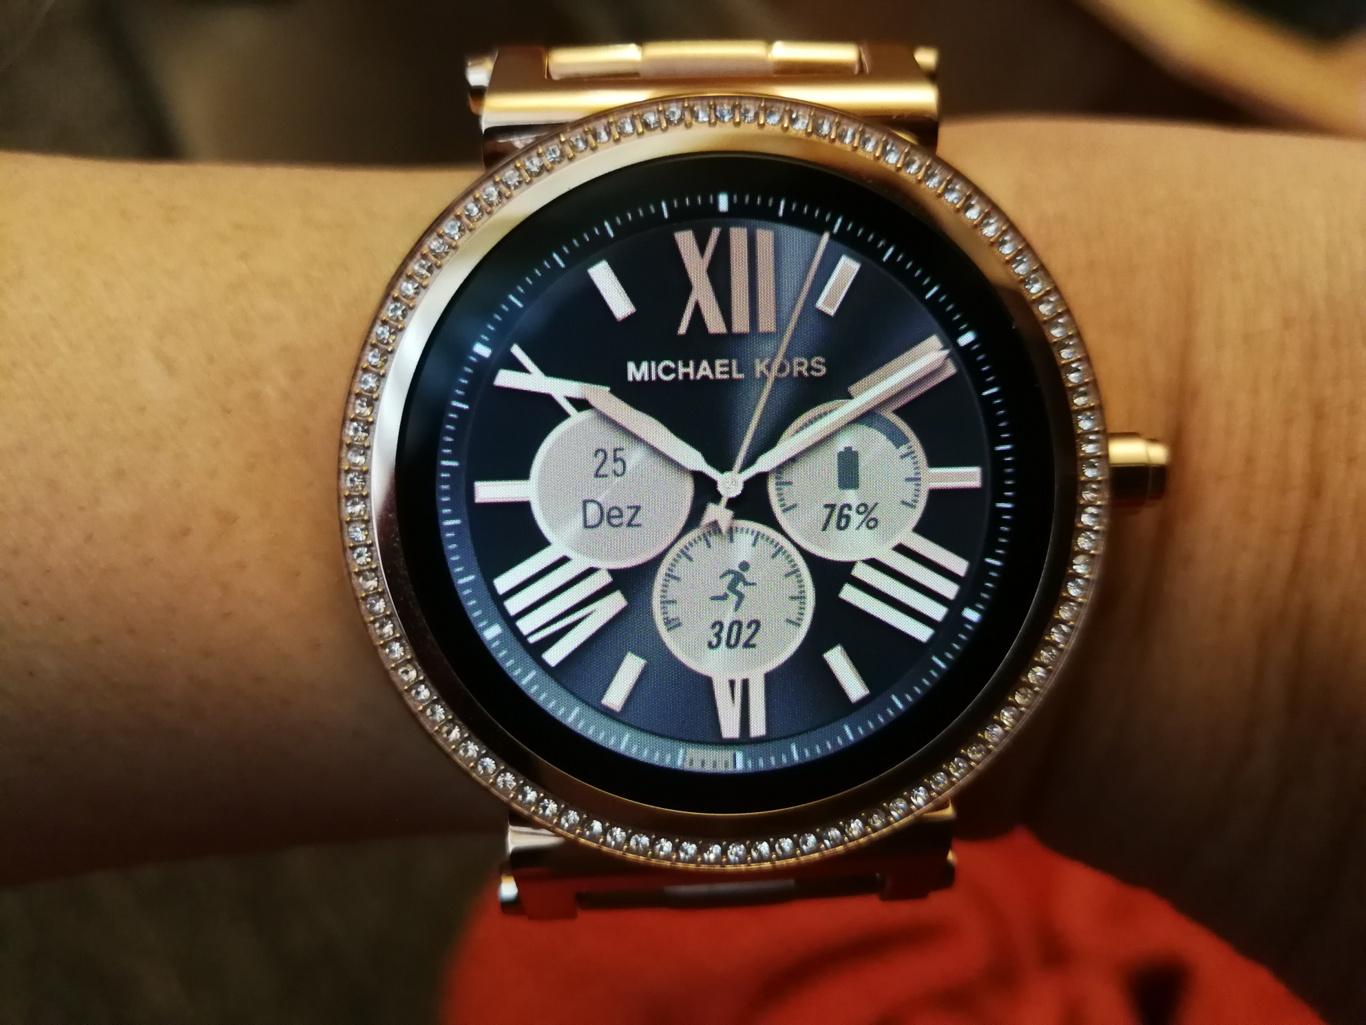 Smartwatch Sofie Michael Kors in Rosegold an Handgelenk